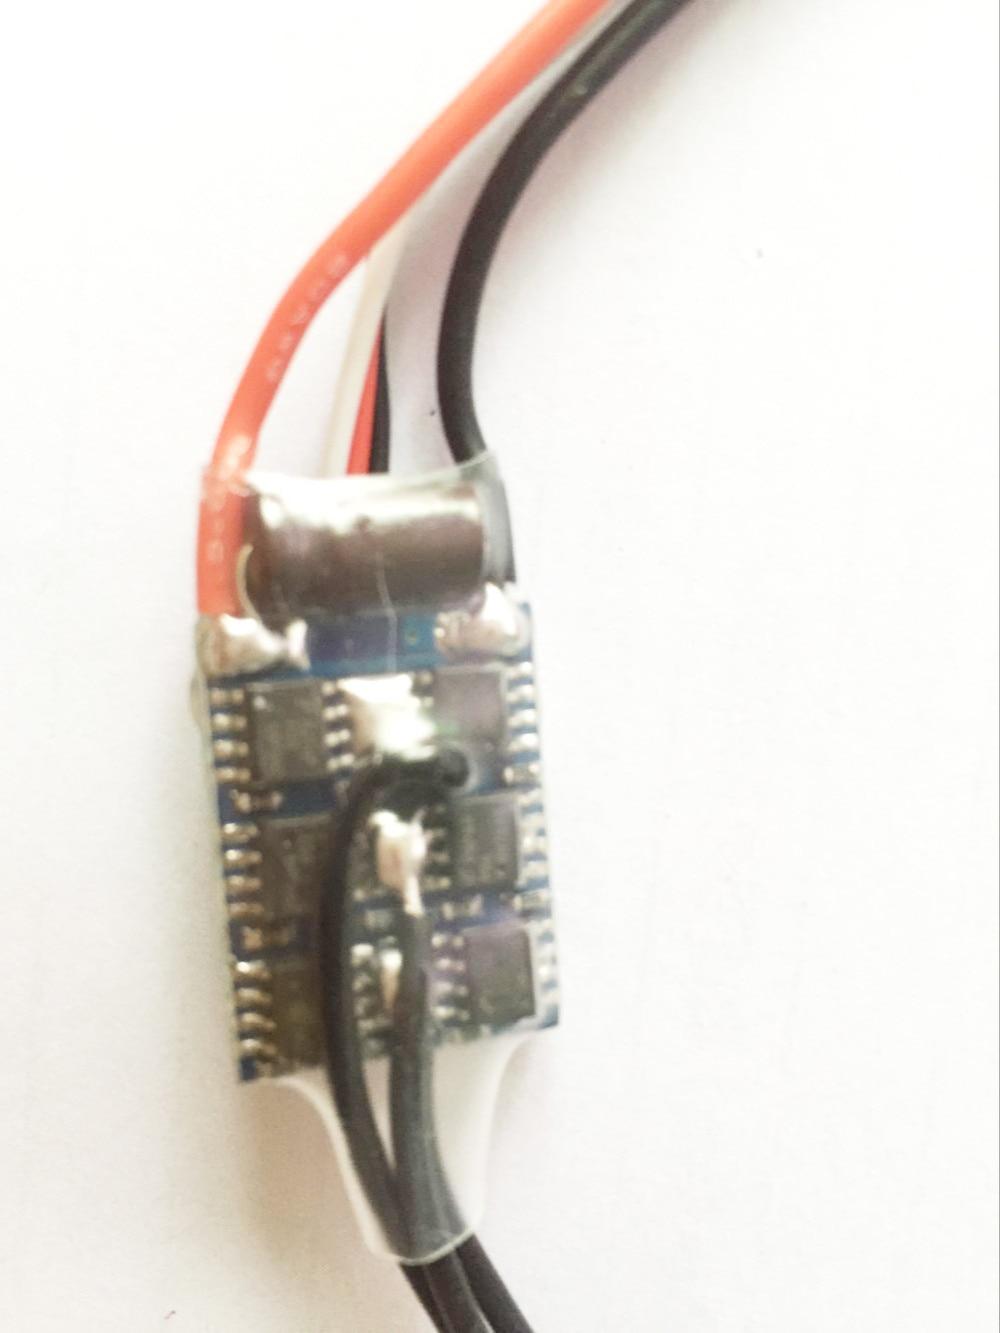 A 2204 A2204 7.5A 1400KV 50W SP бесщеточный микро-двигатель с креплением+ 10A ESC для RC самолета/KK коптера квадрокоптера НЛО